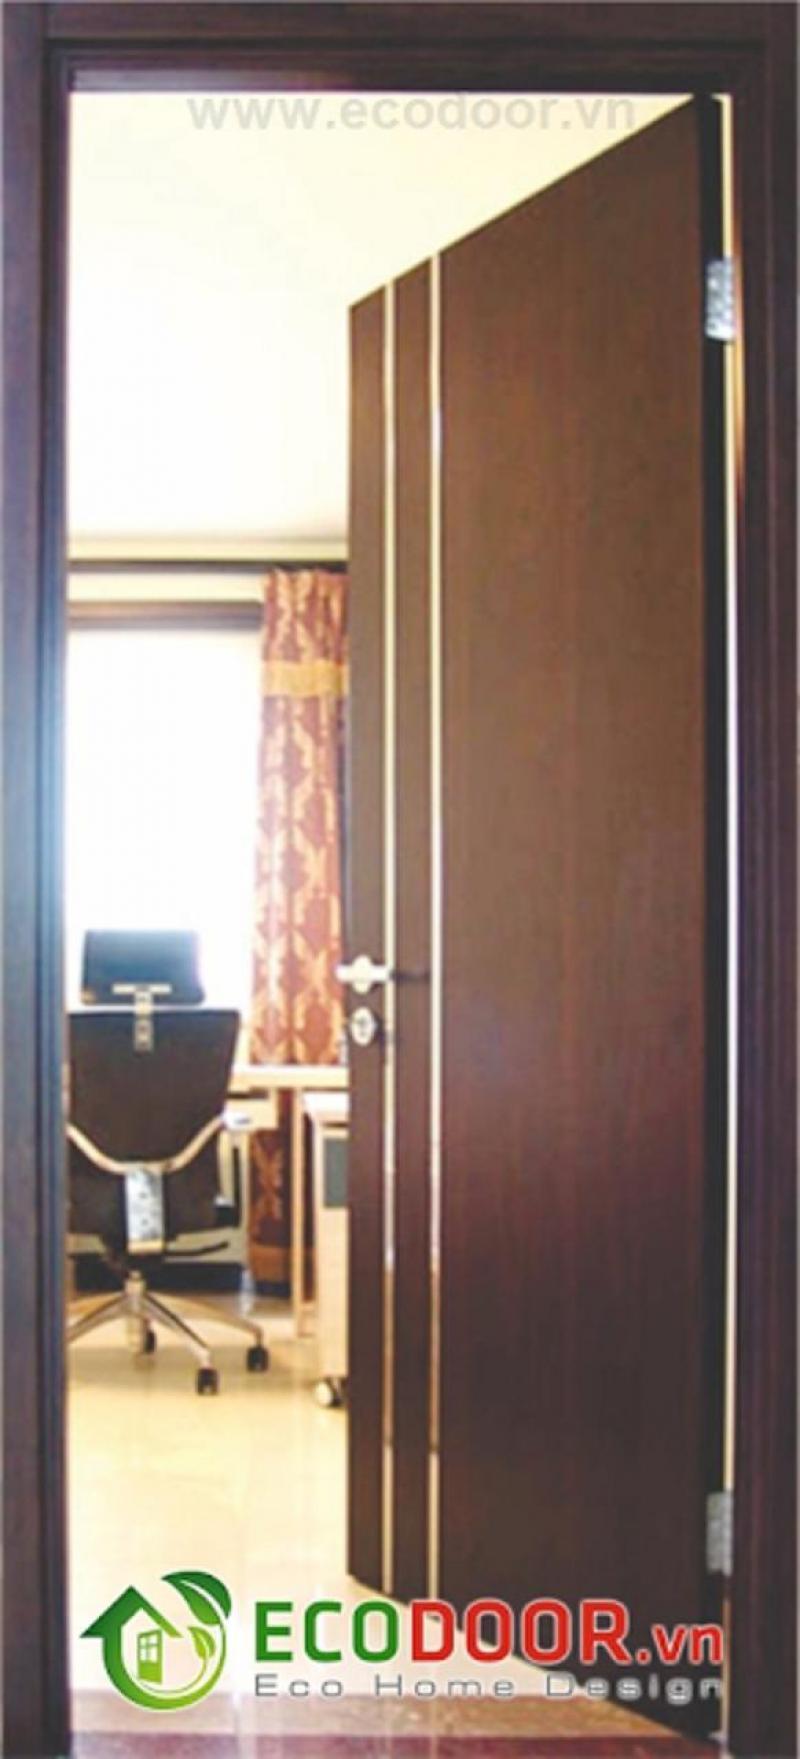 Giới thiệu các dòng cửa gỗ tại Ecodoor